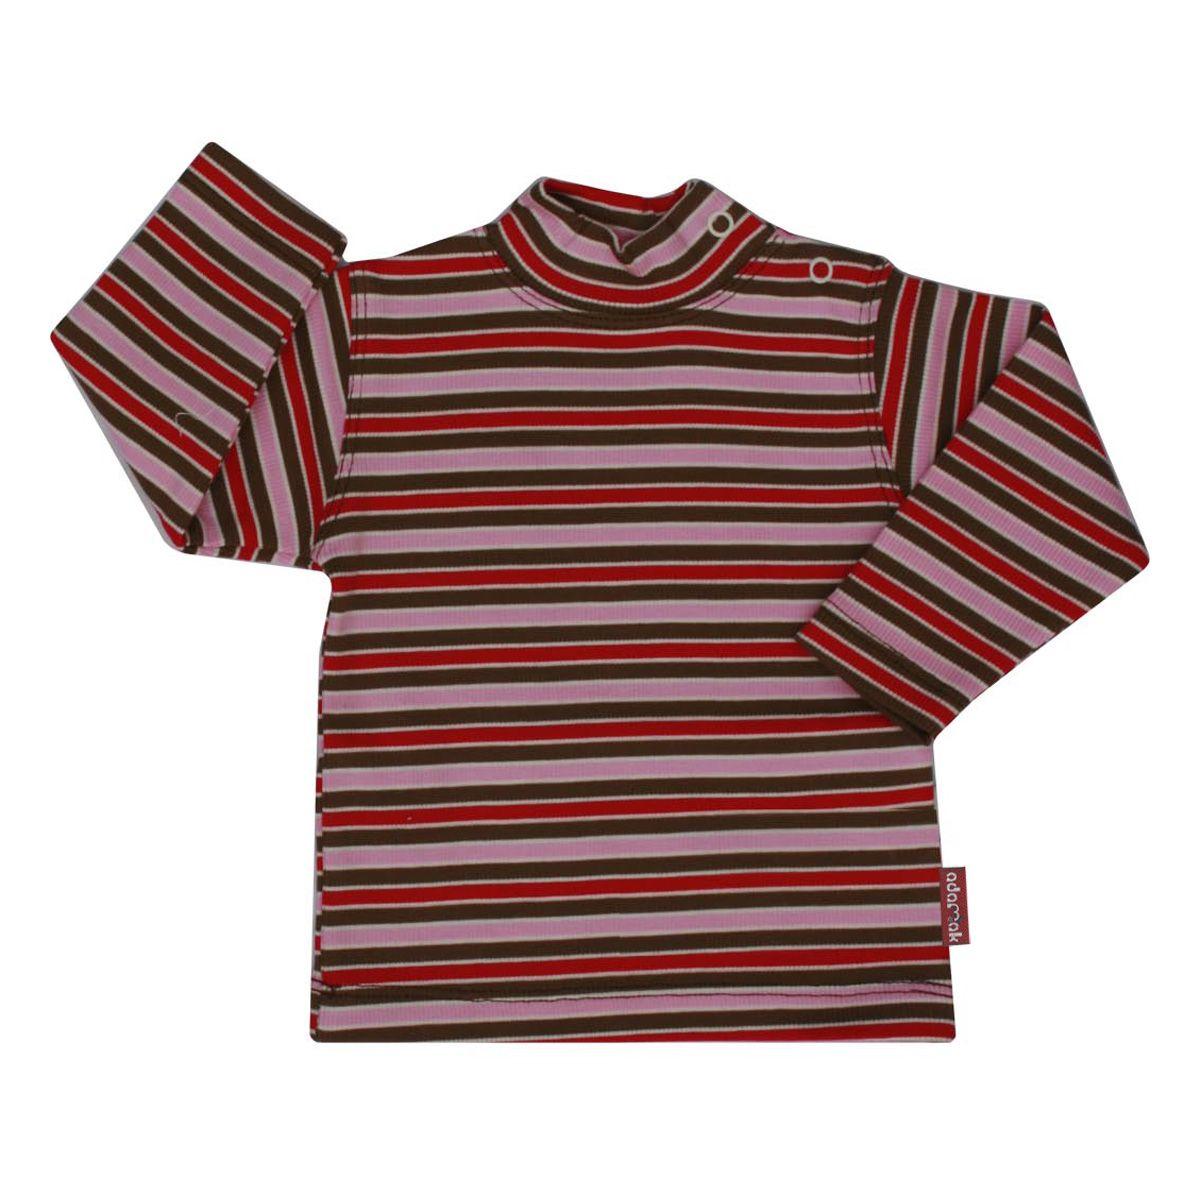 تی شرت آدمک طرح راه راه کد 17-143201 -  - 3